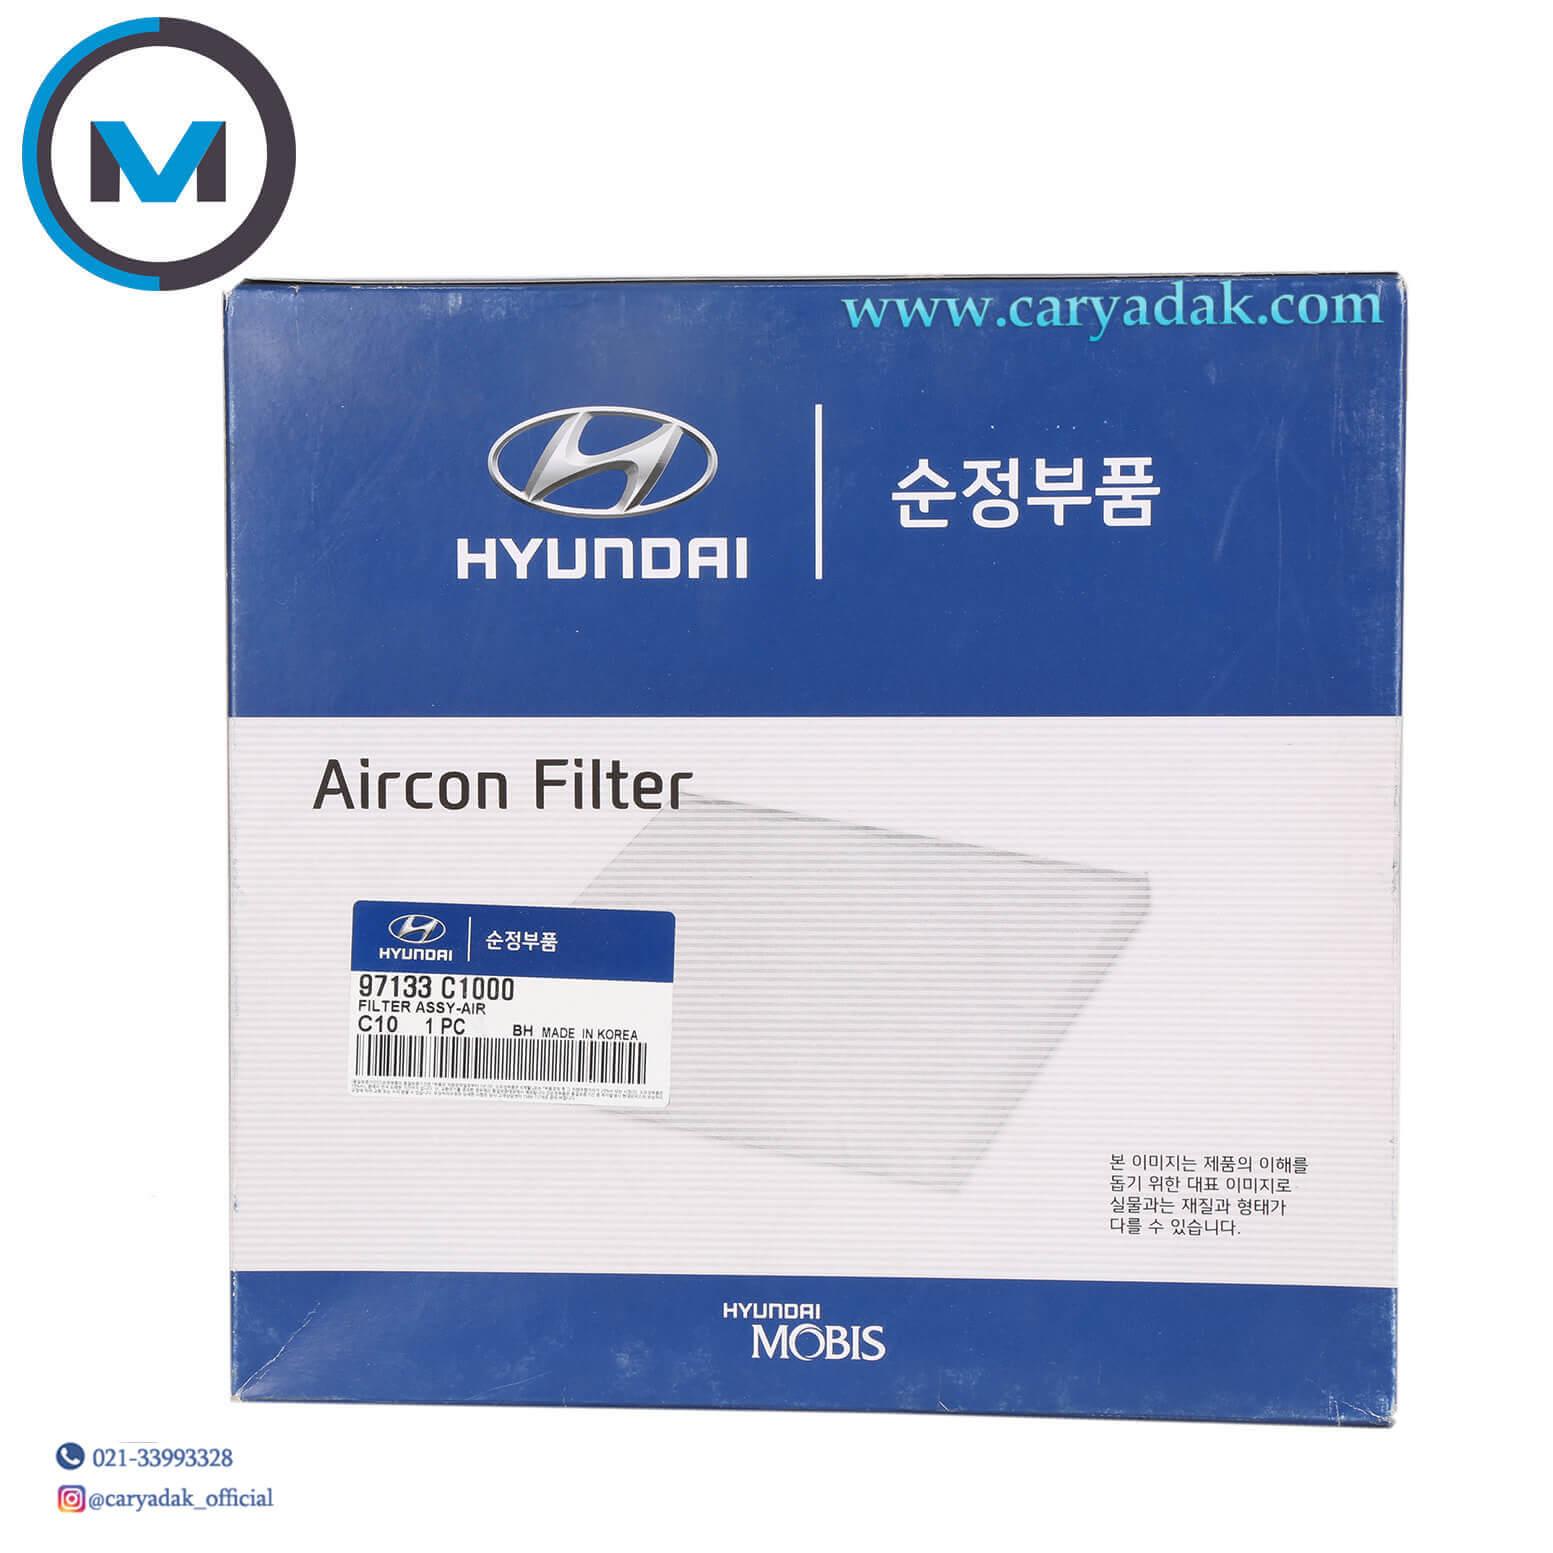 فیلتر کابین 97133C1000